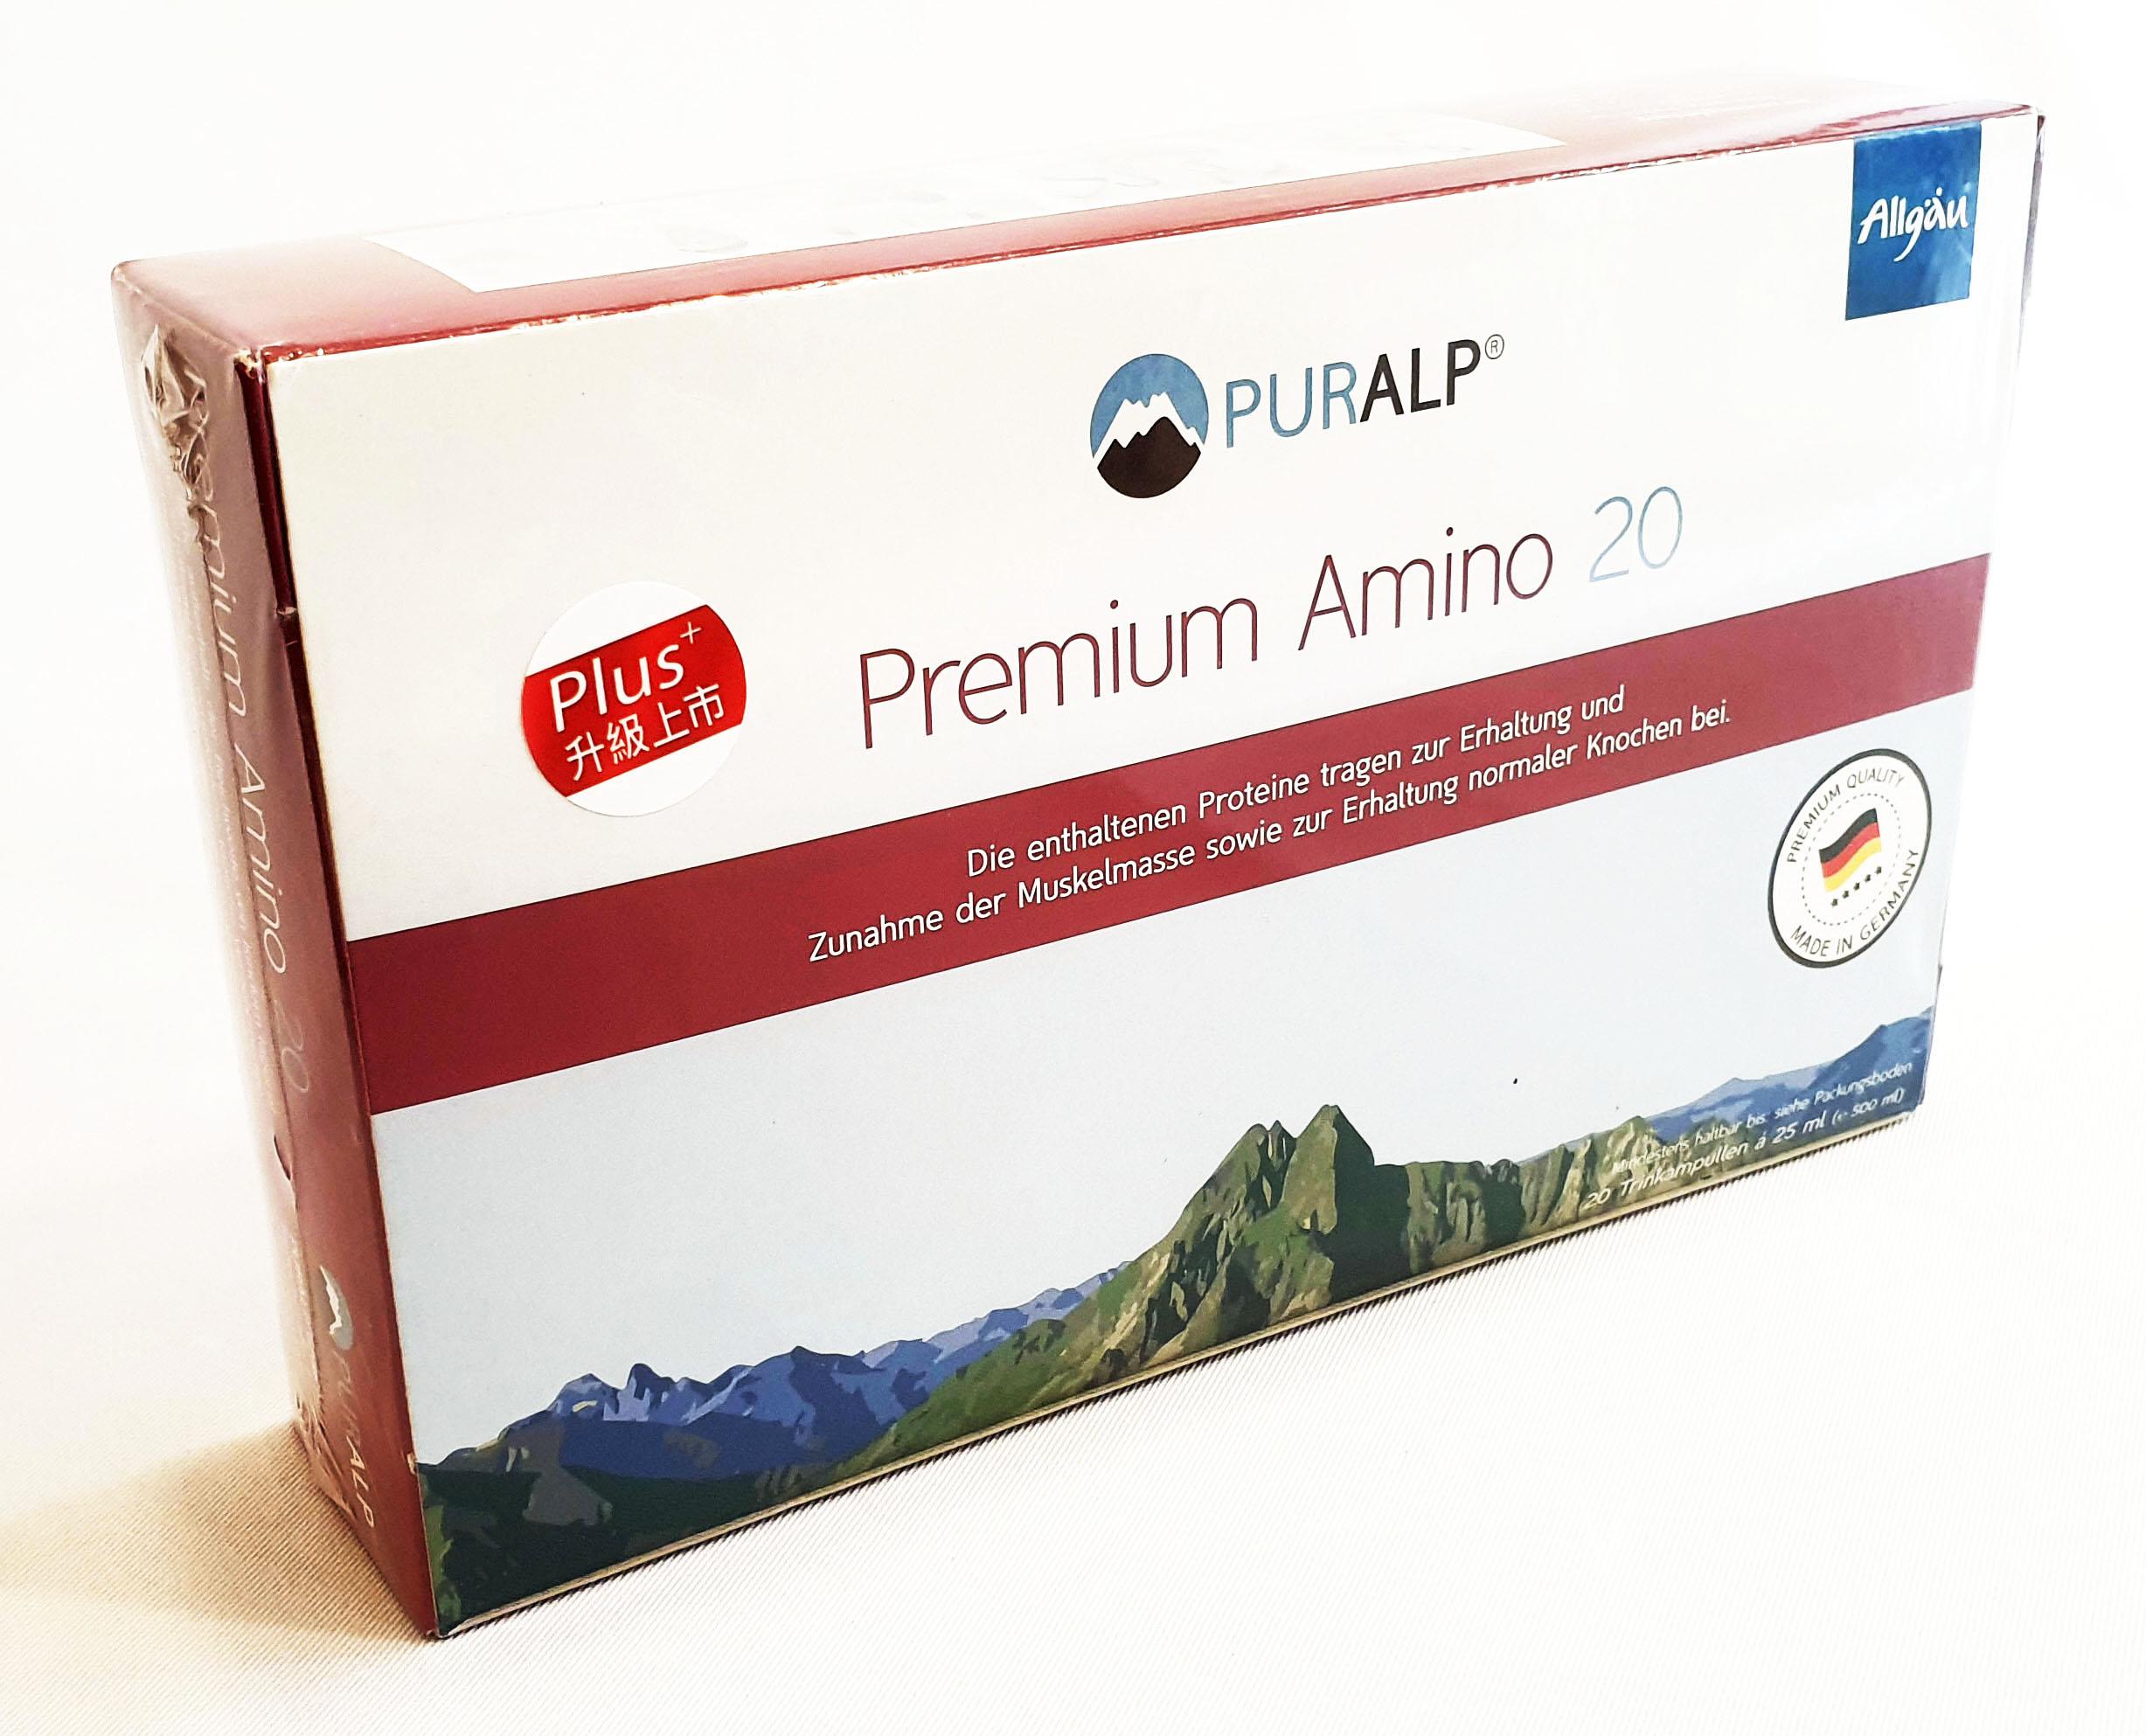 安普天然濃縮營養素 Premium Amino 20 25毫升/20瓶/盒 精氨酸 (德國進口)